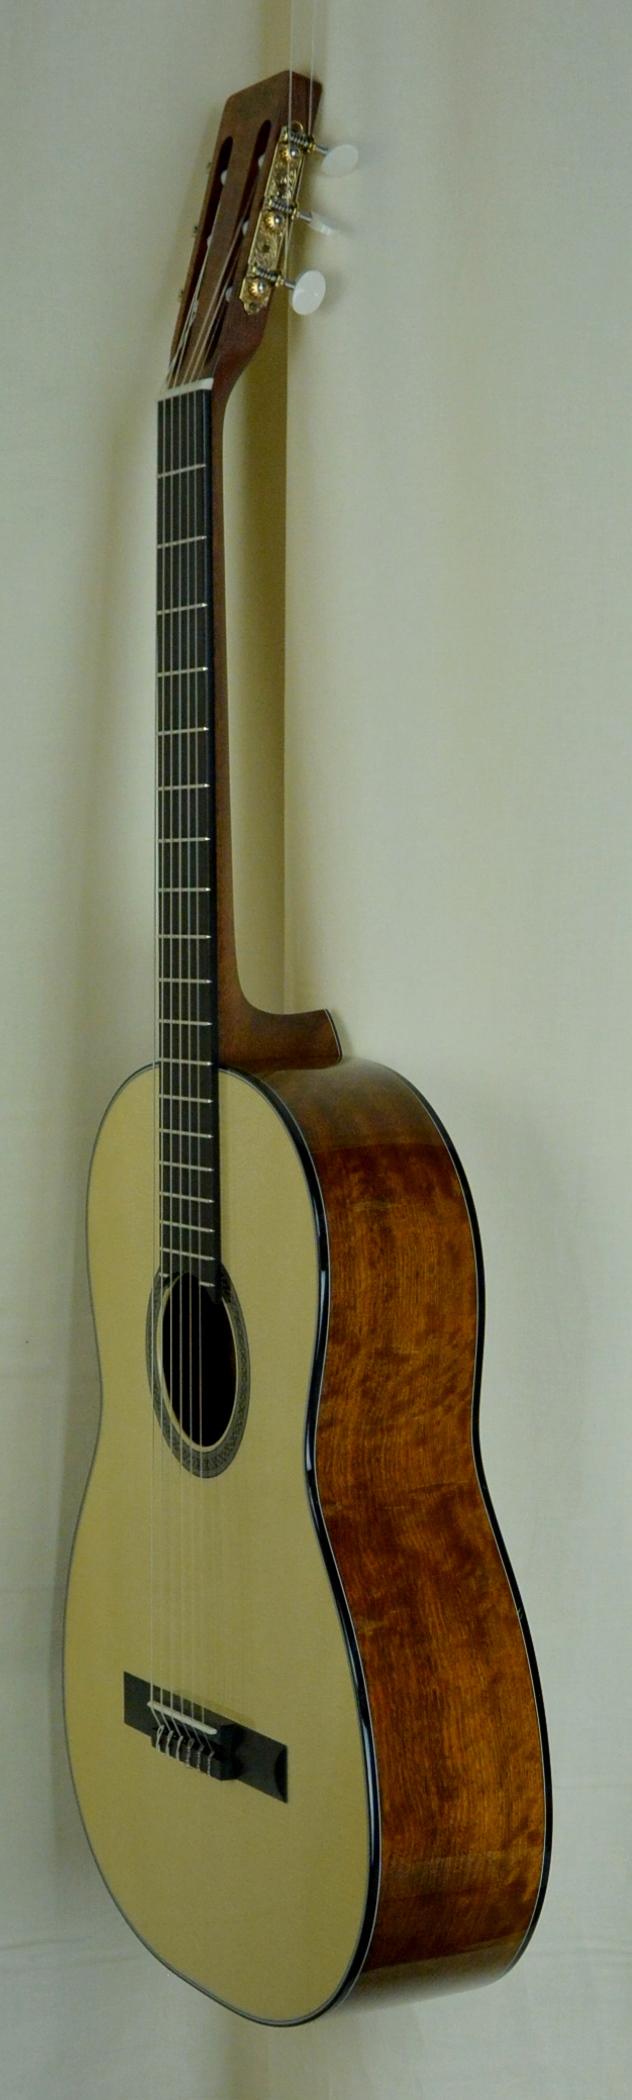 Q-2655824 S-1938292 N-style Solomon Padauk Engelmann (2).JPG